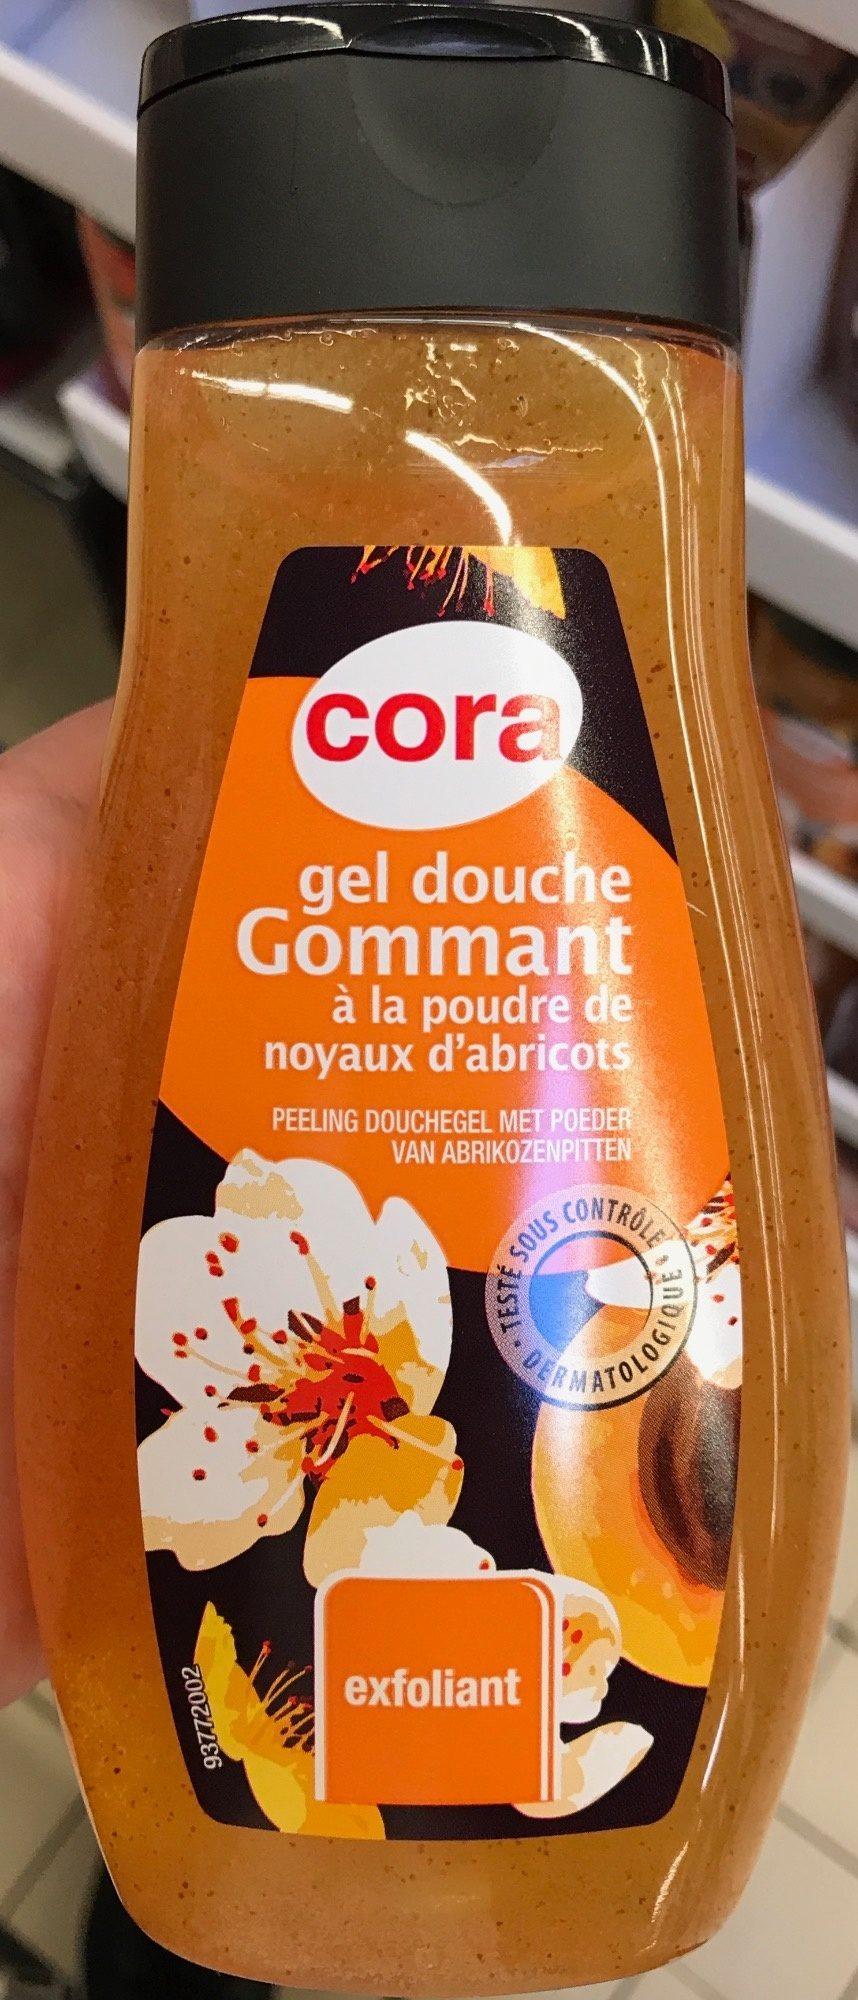 Gel douche gommant à la poudre de noyaux d'abricots - Product - fr